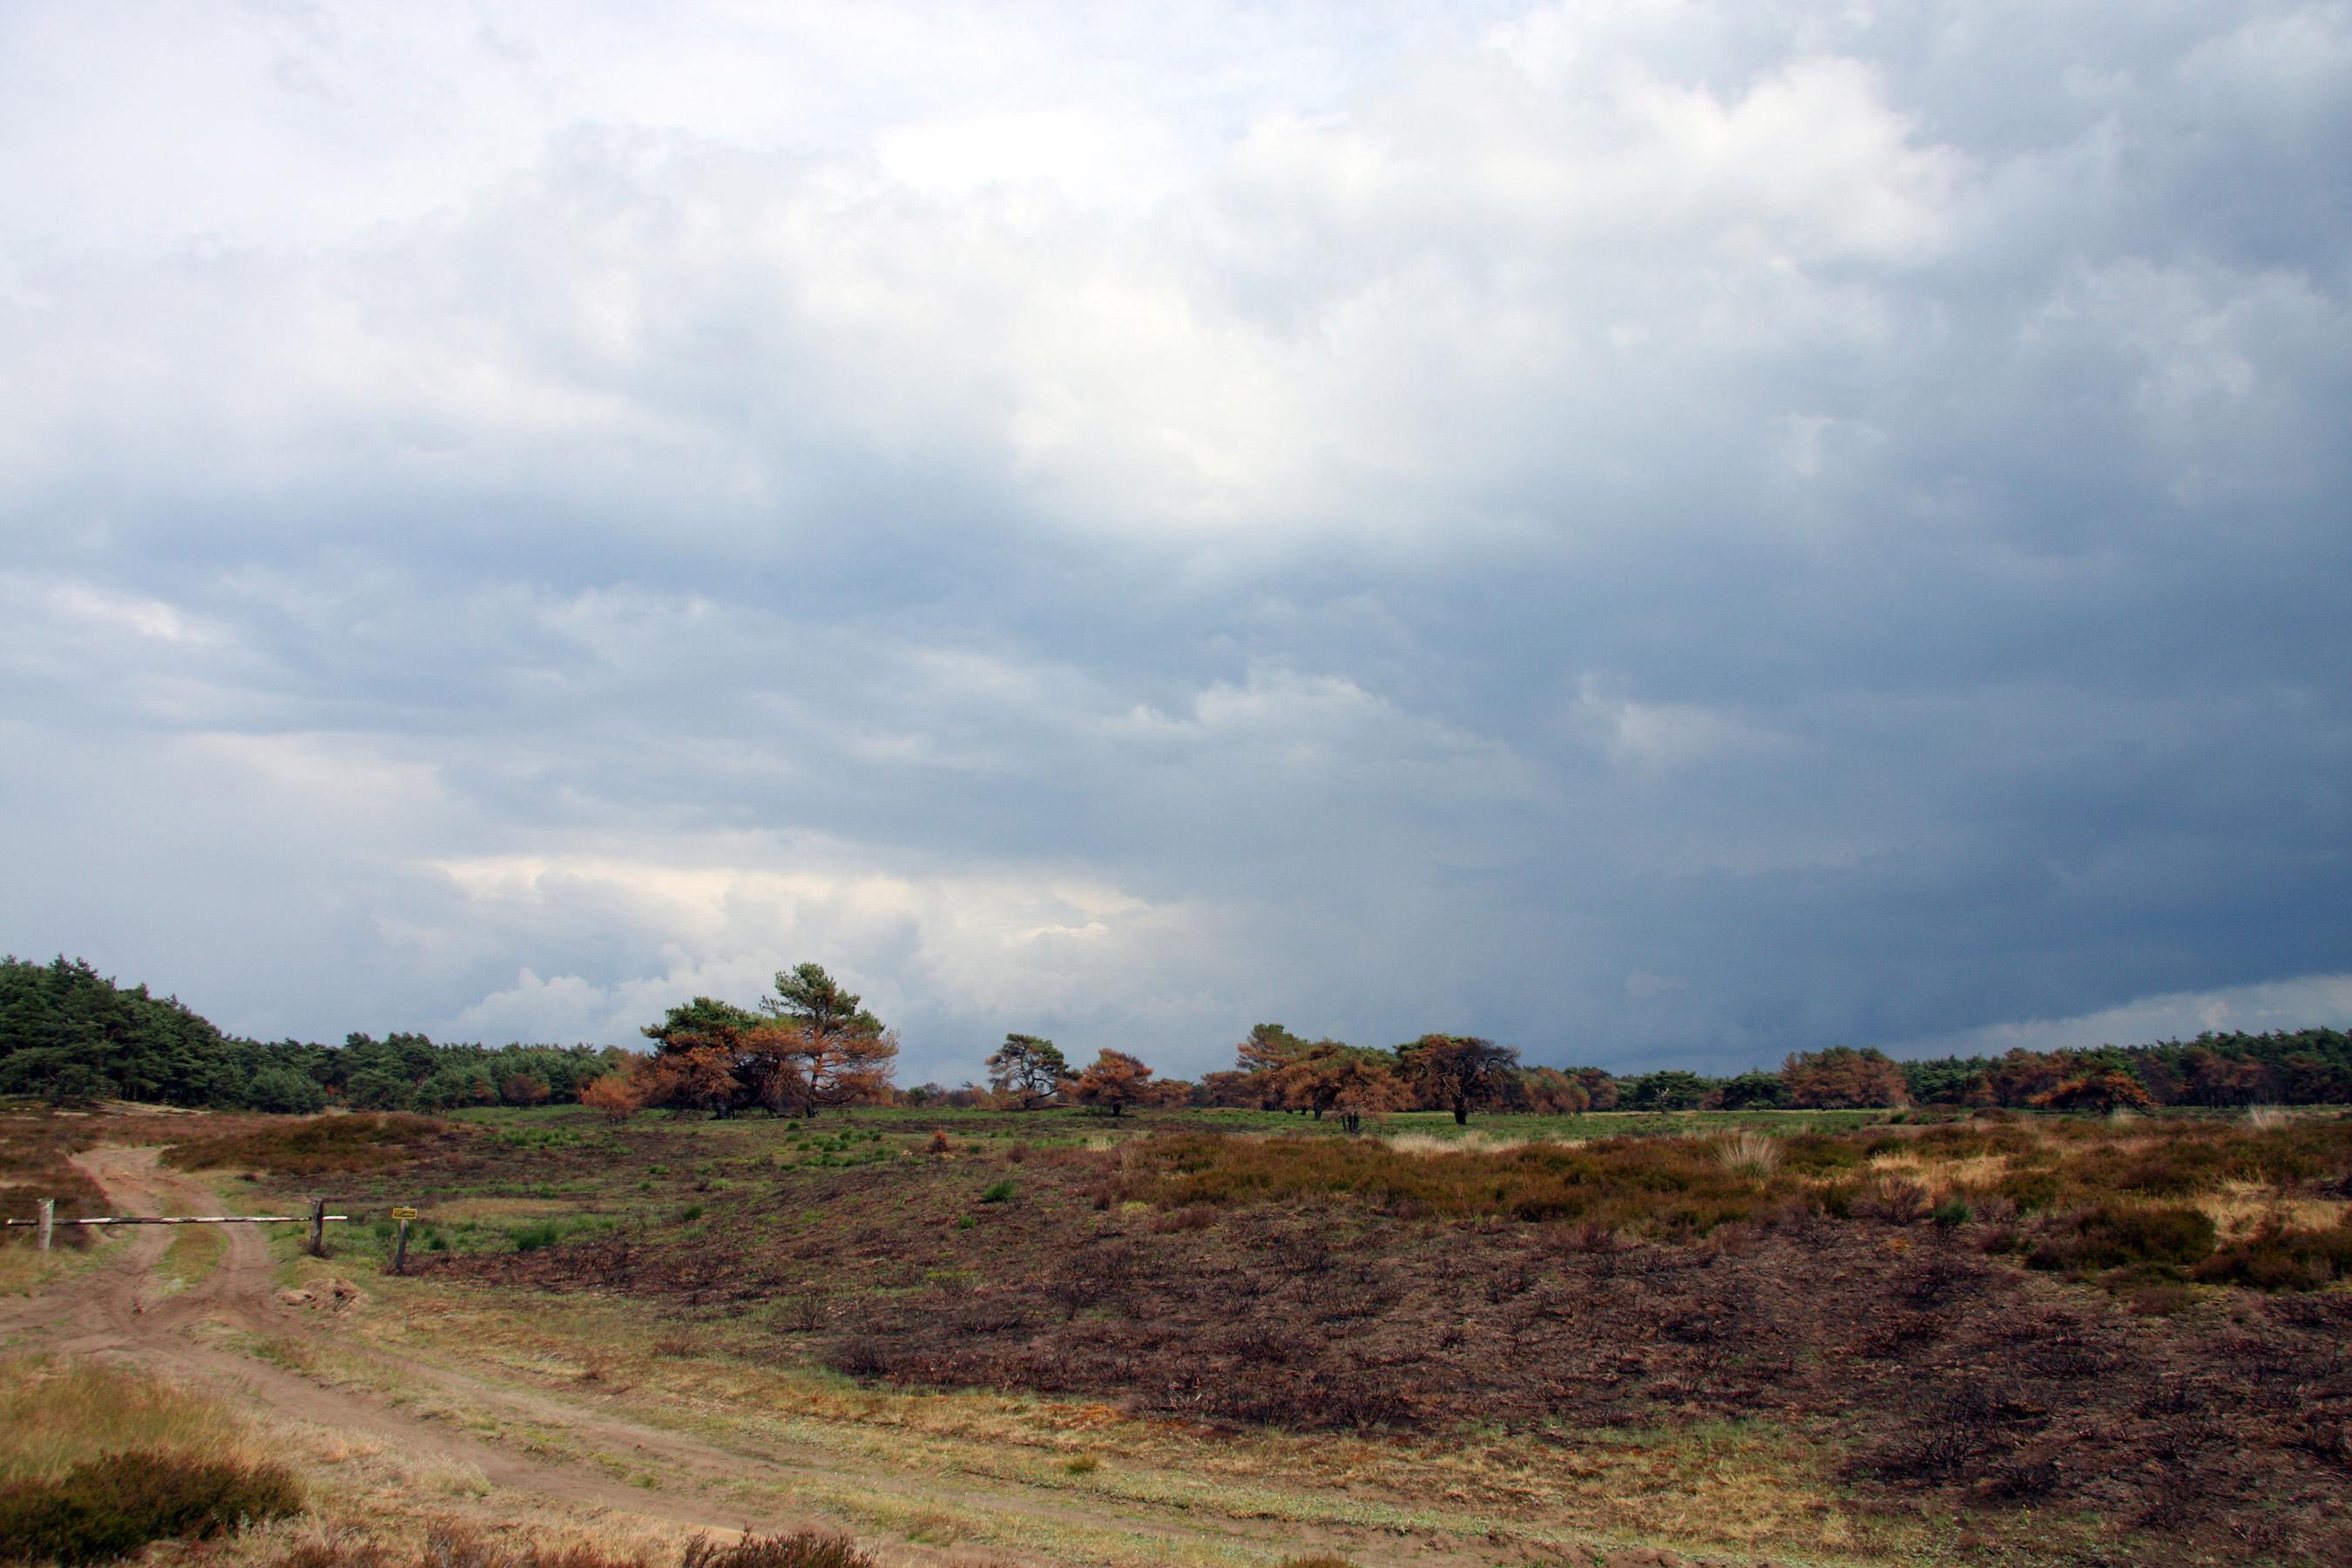 Inkijkgebied in het rustgebied Lijkweg/Middenzand na de brand in 2014 - Foto: Anja Arentzen